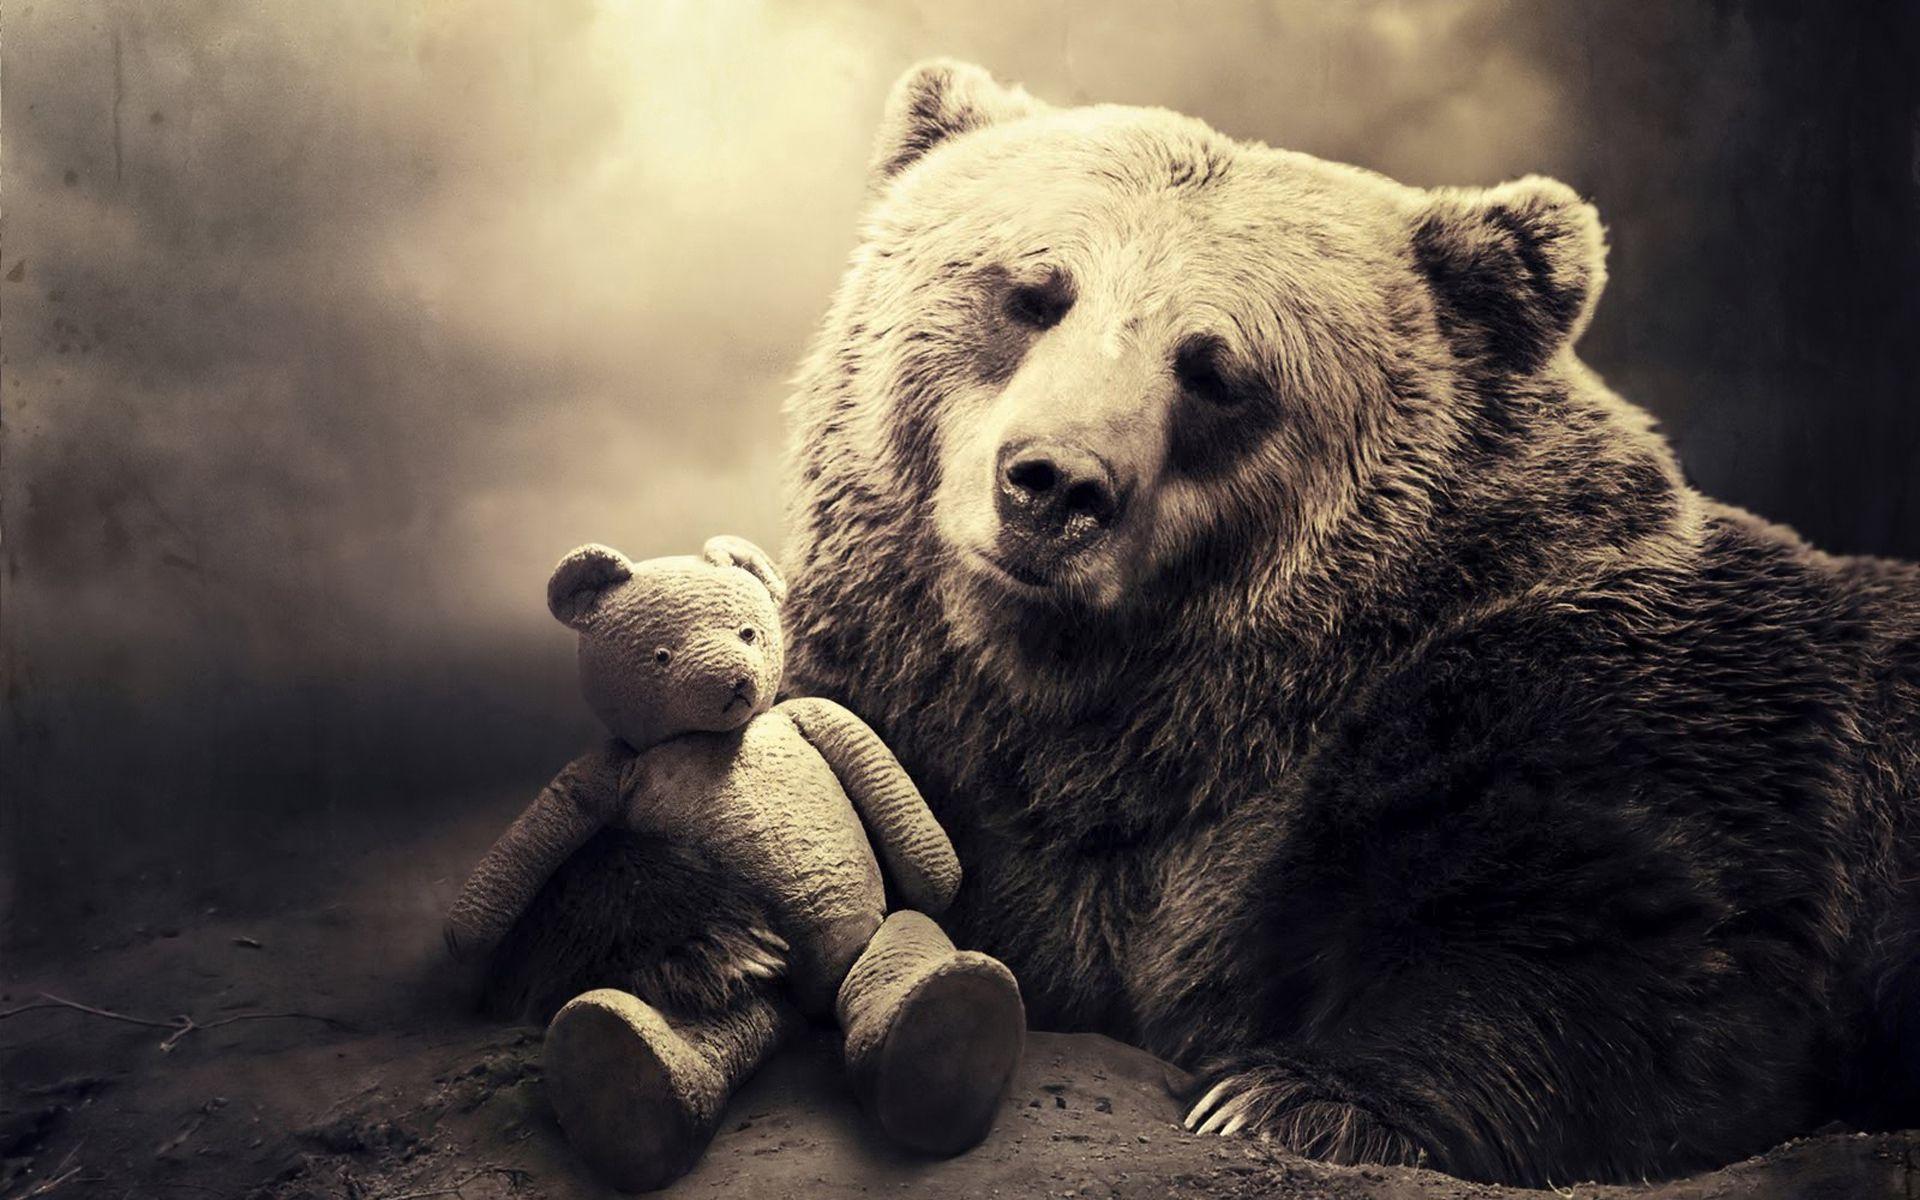 128748 скачать обои Животные, Морда, Медведь, Игрушка, Тень, Чб, Сепия - заставки и картинки бесплатно